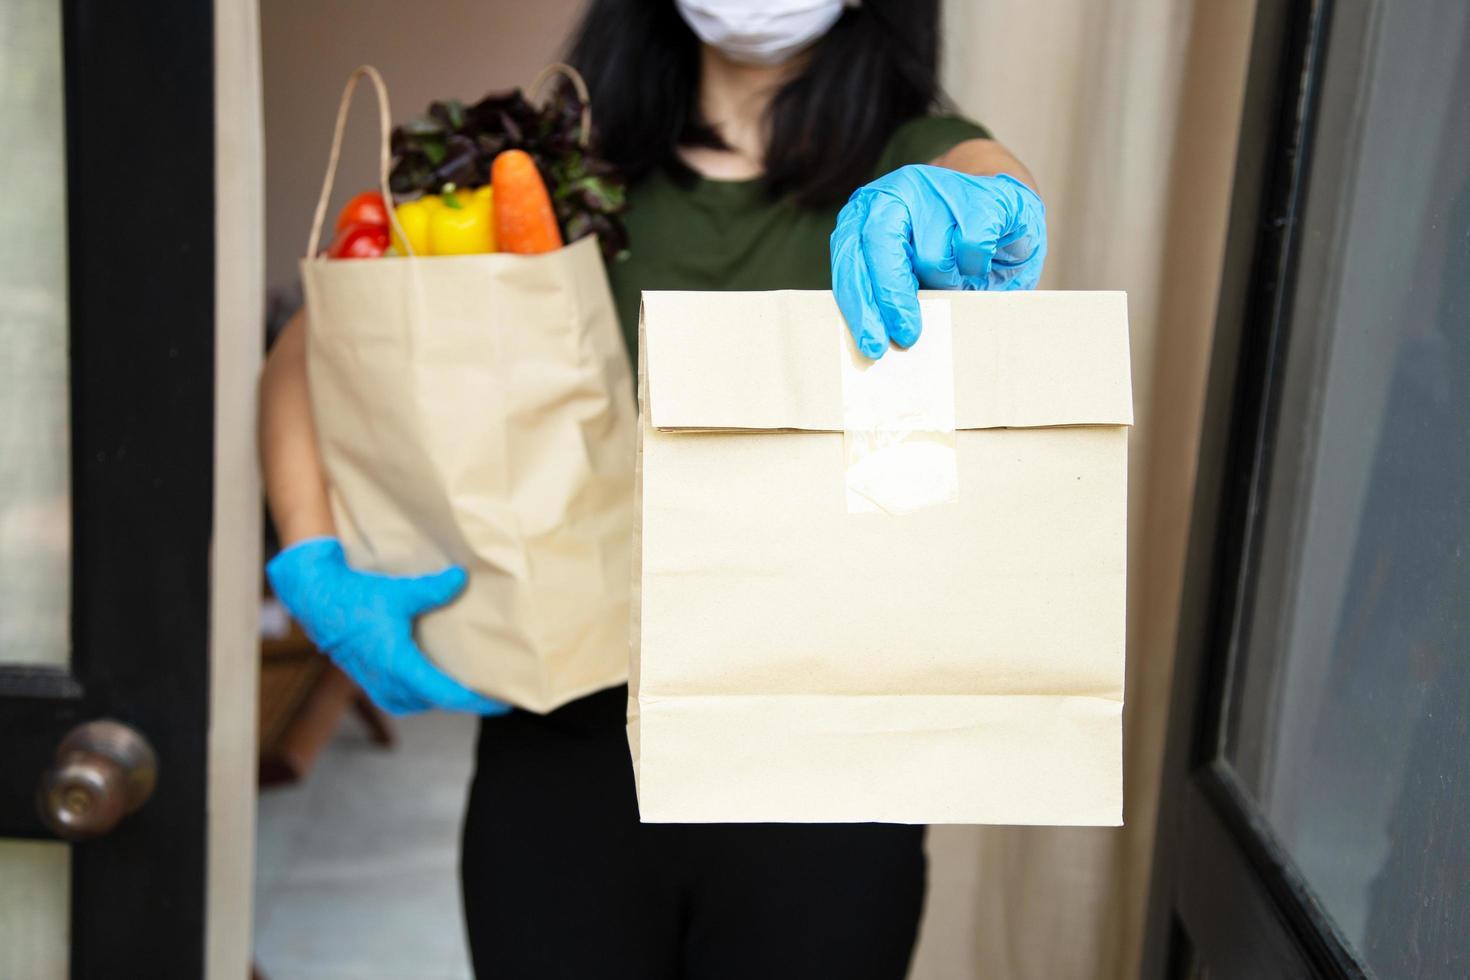 les fournisseurs de services alimentaires portant des masques et des gants. rester à la maison réduit la propagation du virus covid-19 photo